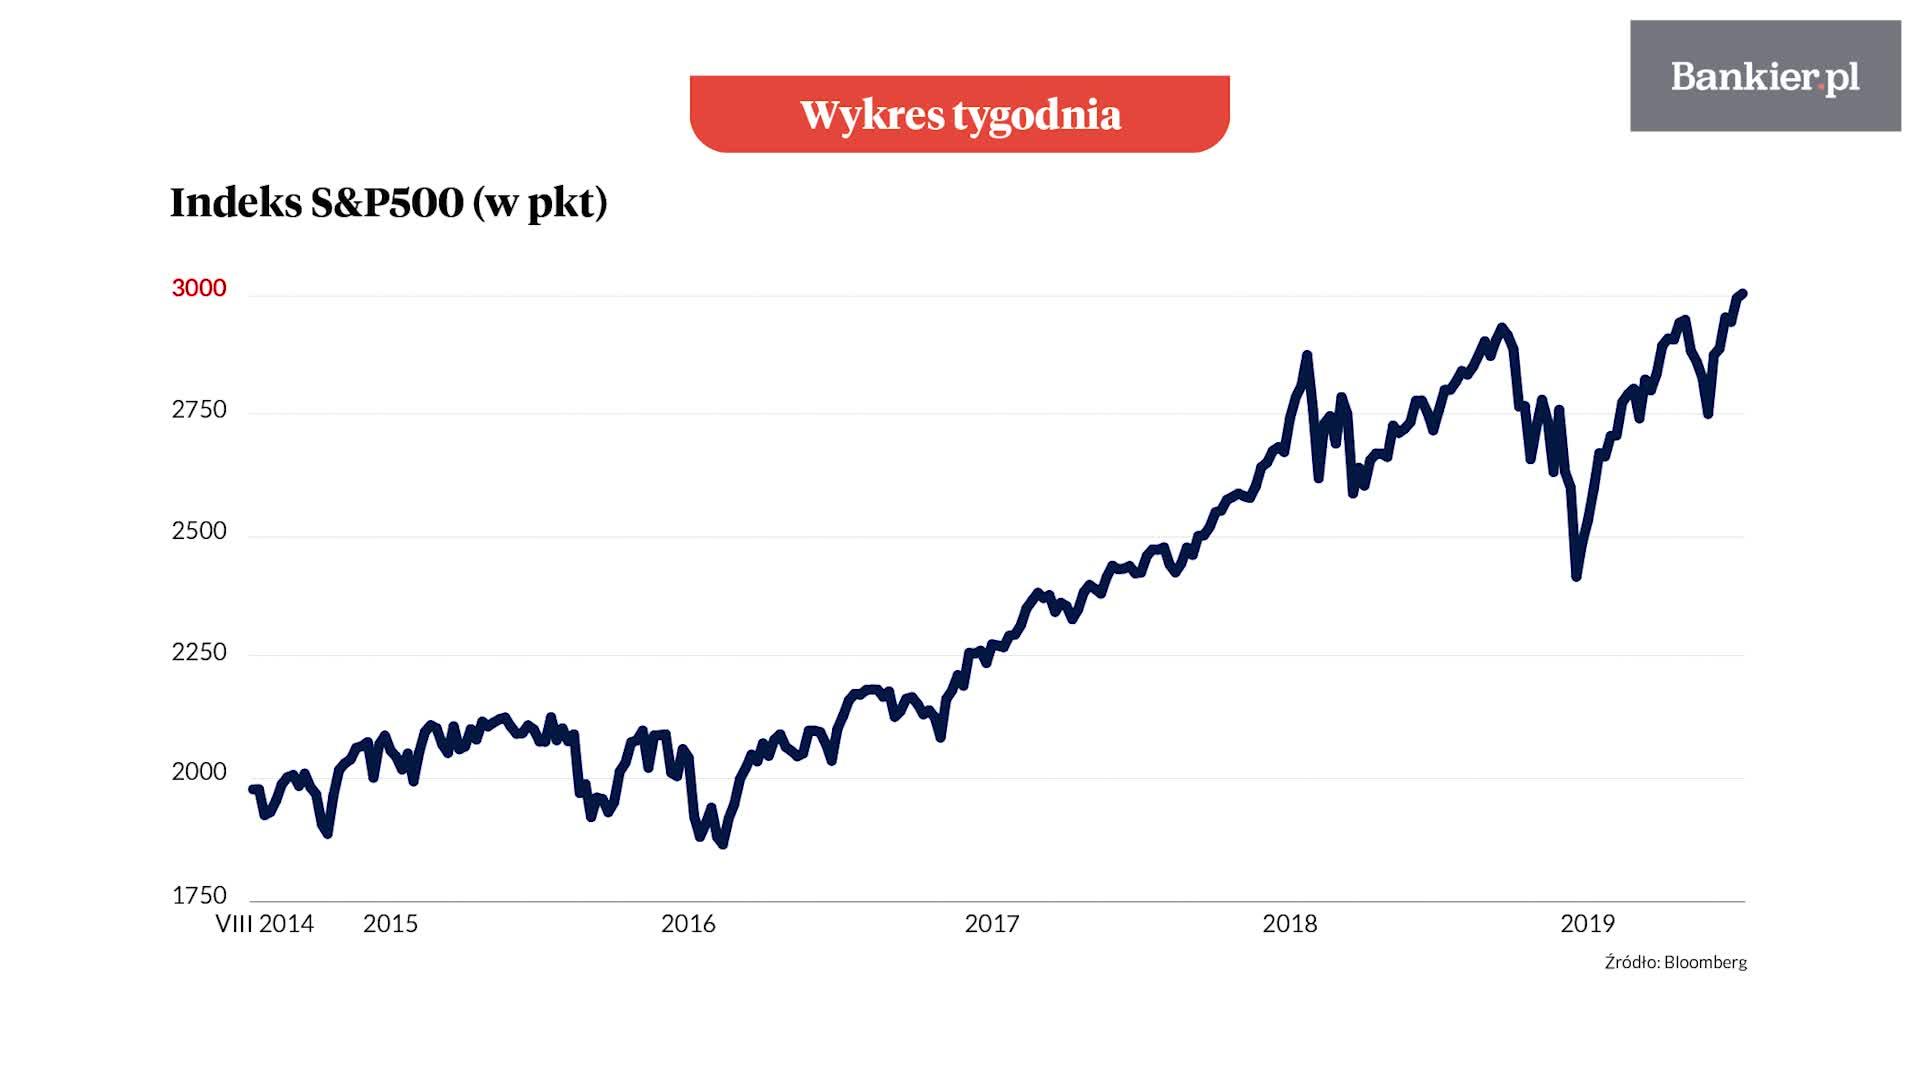 Wykres tygodnia: S&P 500: tysiąc punktów w 5 lat